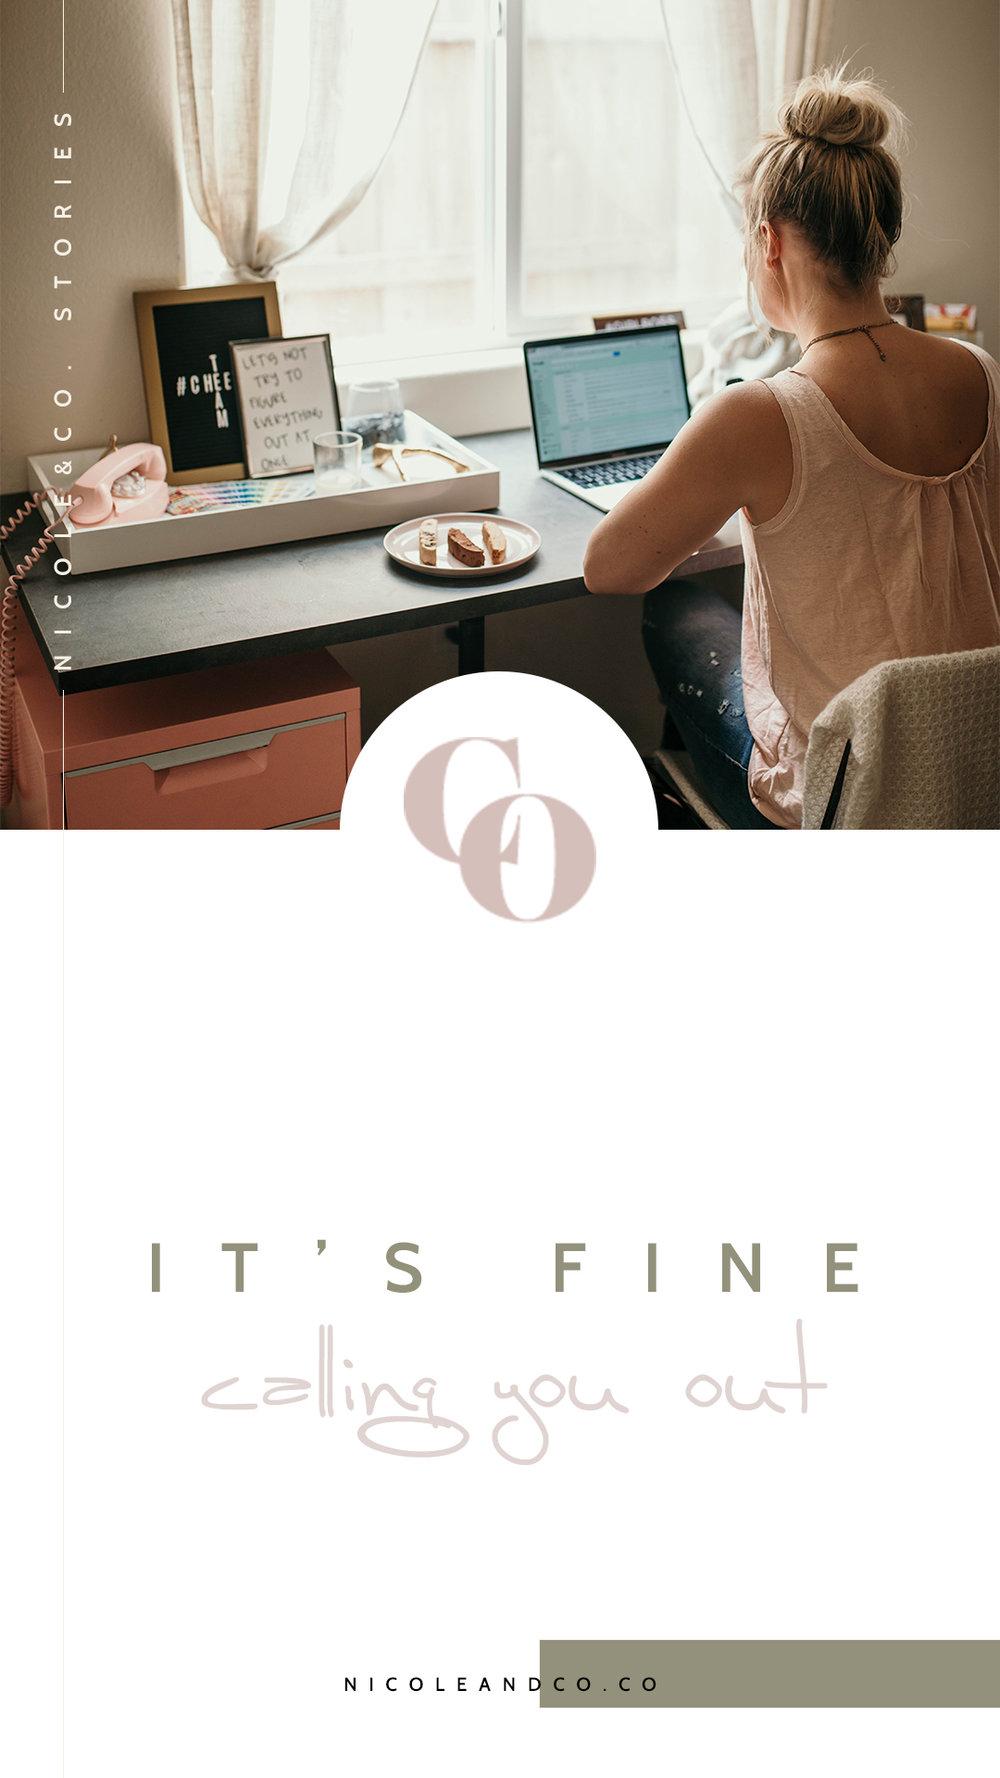 ItsFine.jpg